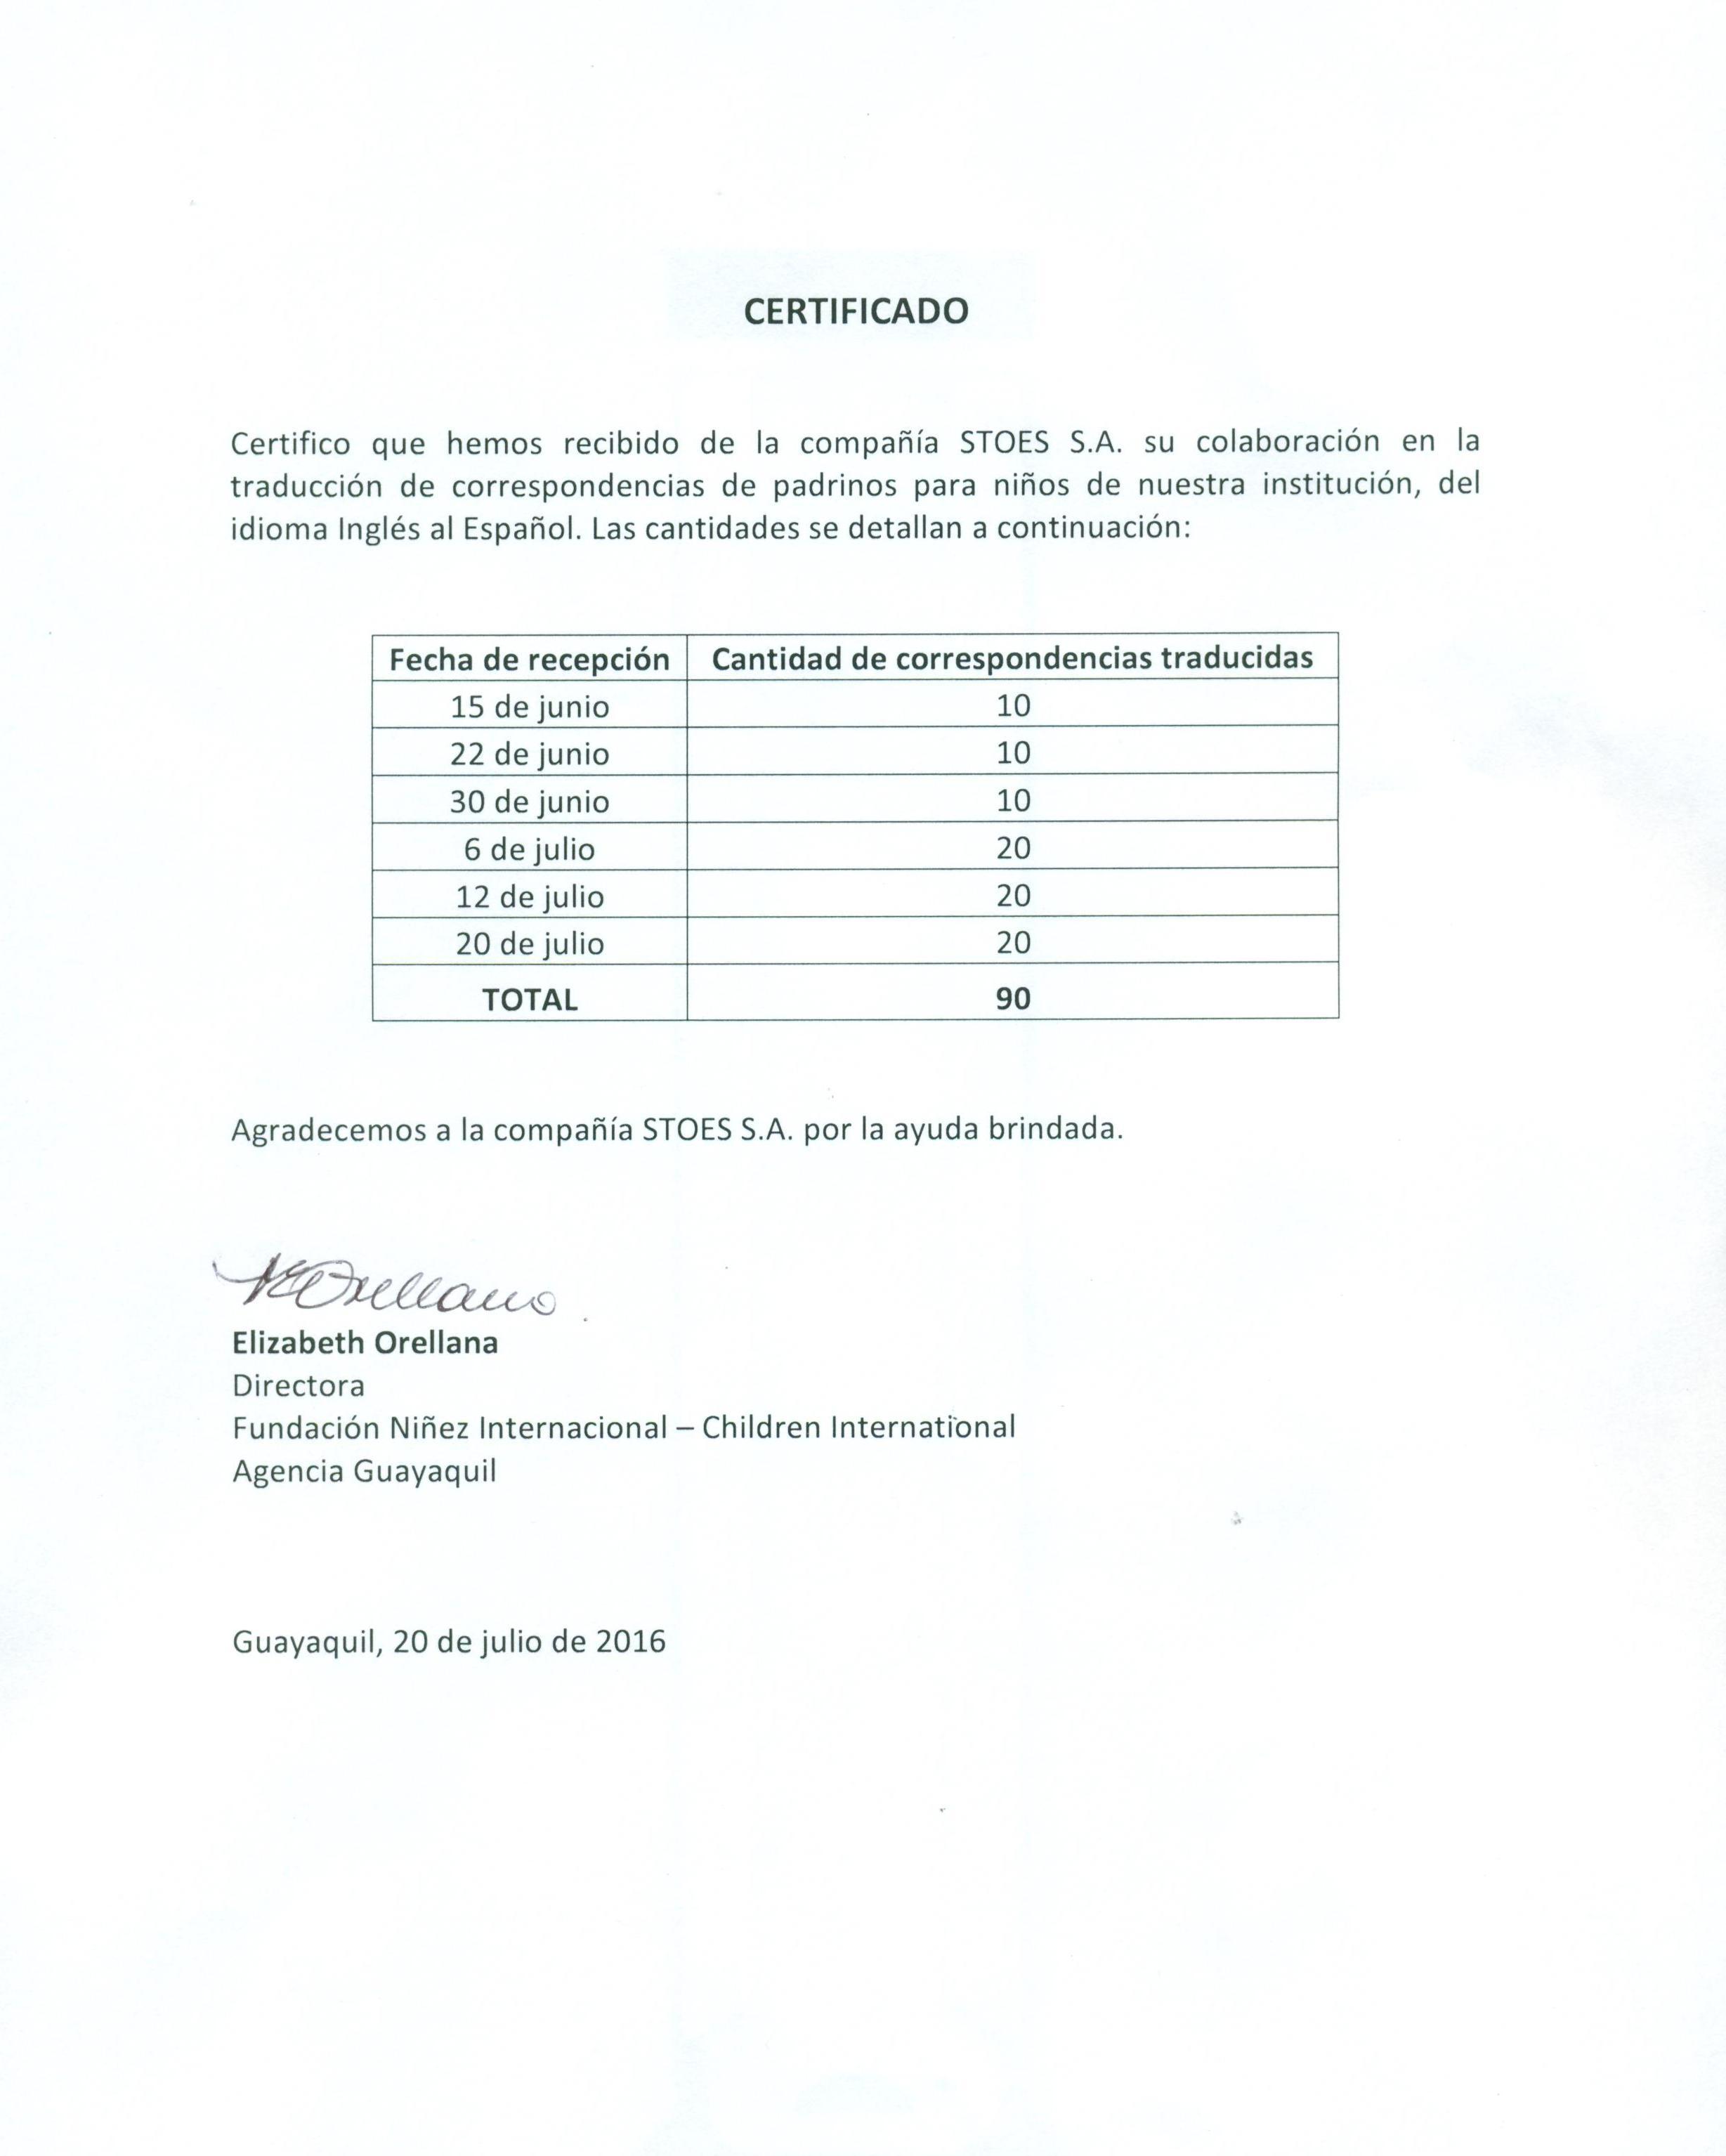 Traductores Intérpretes Traducciones Simultáneas Equipos Guayaquil ...